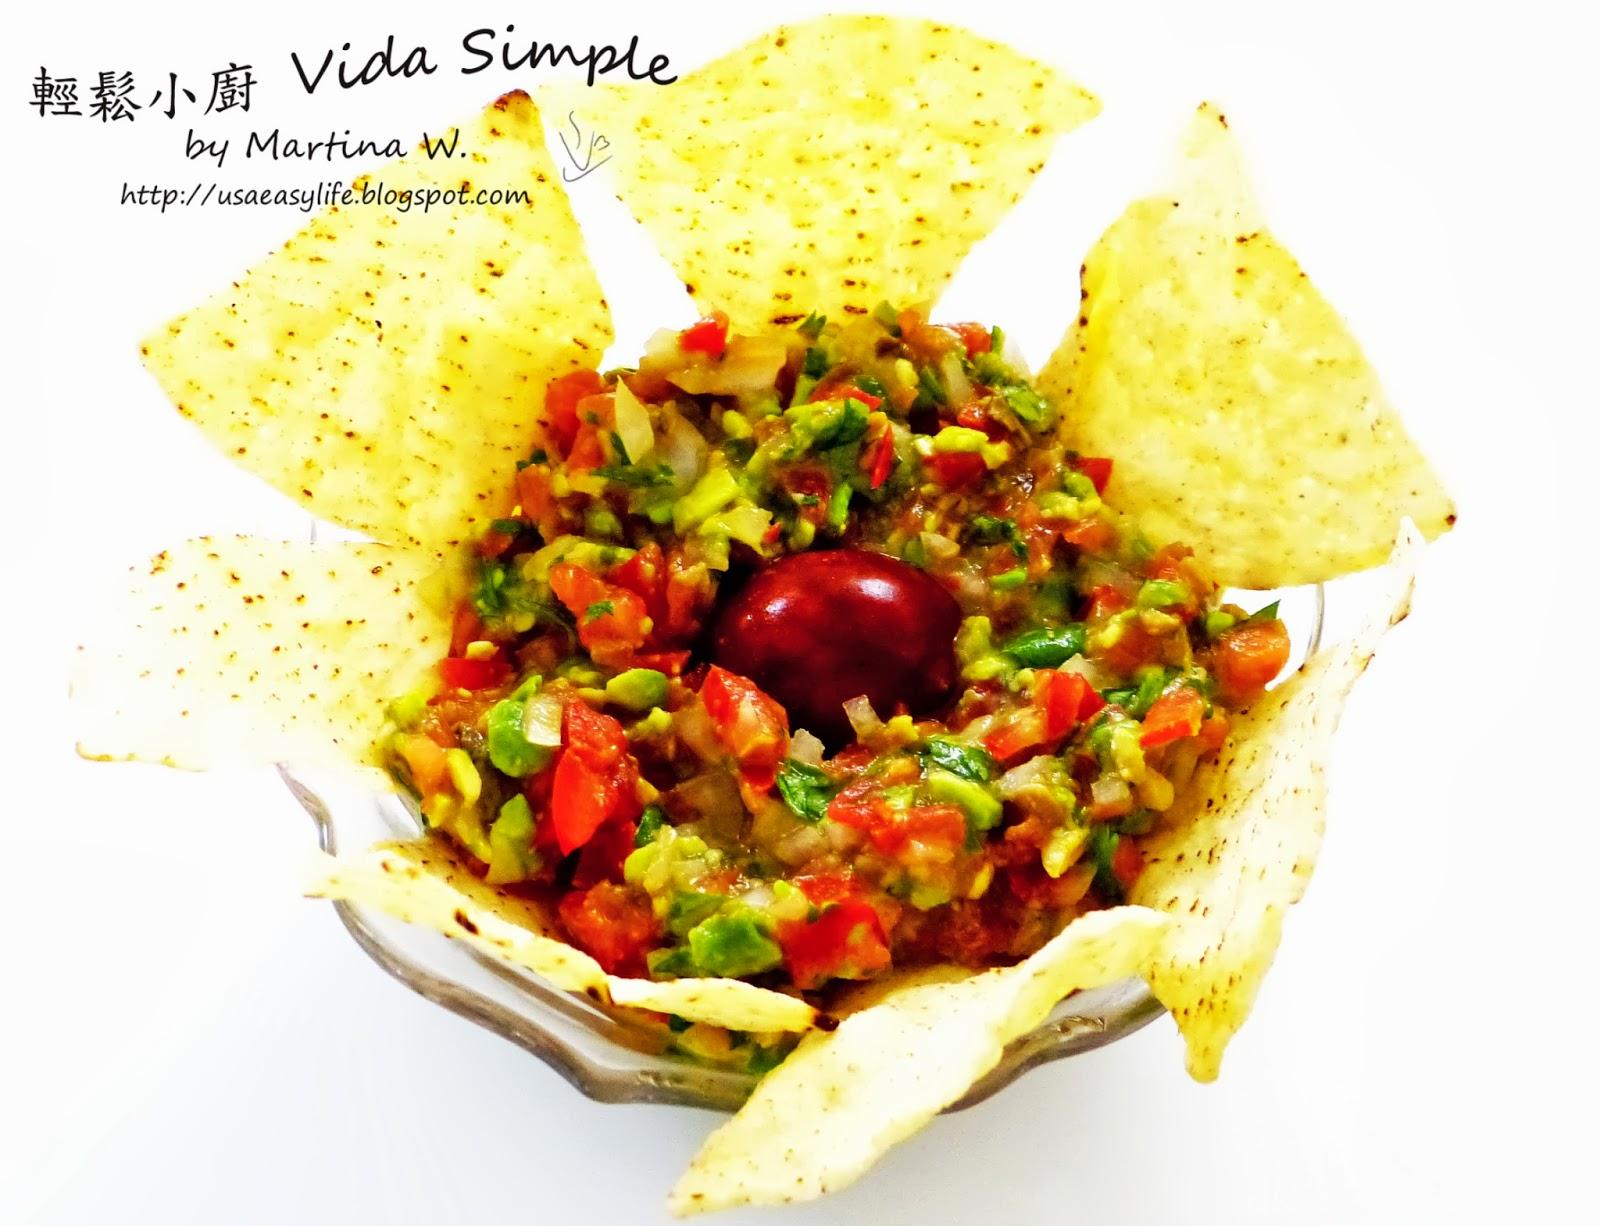 墨西哥酪梨醬 | 輕鬆小廚 Vida Simple